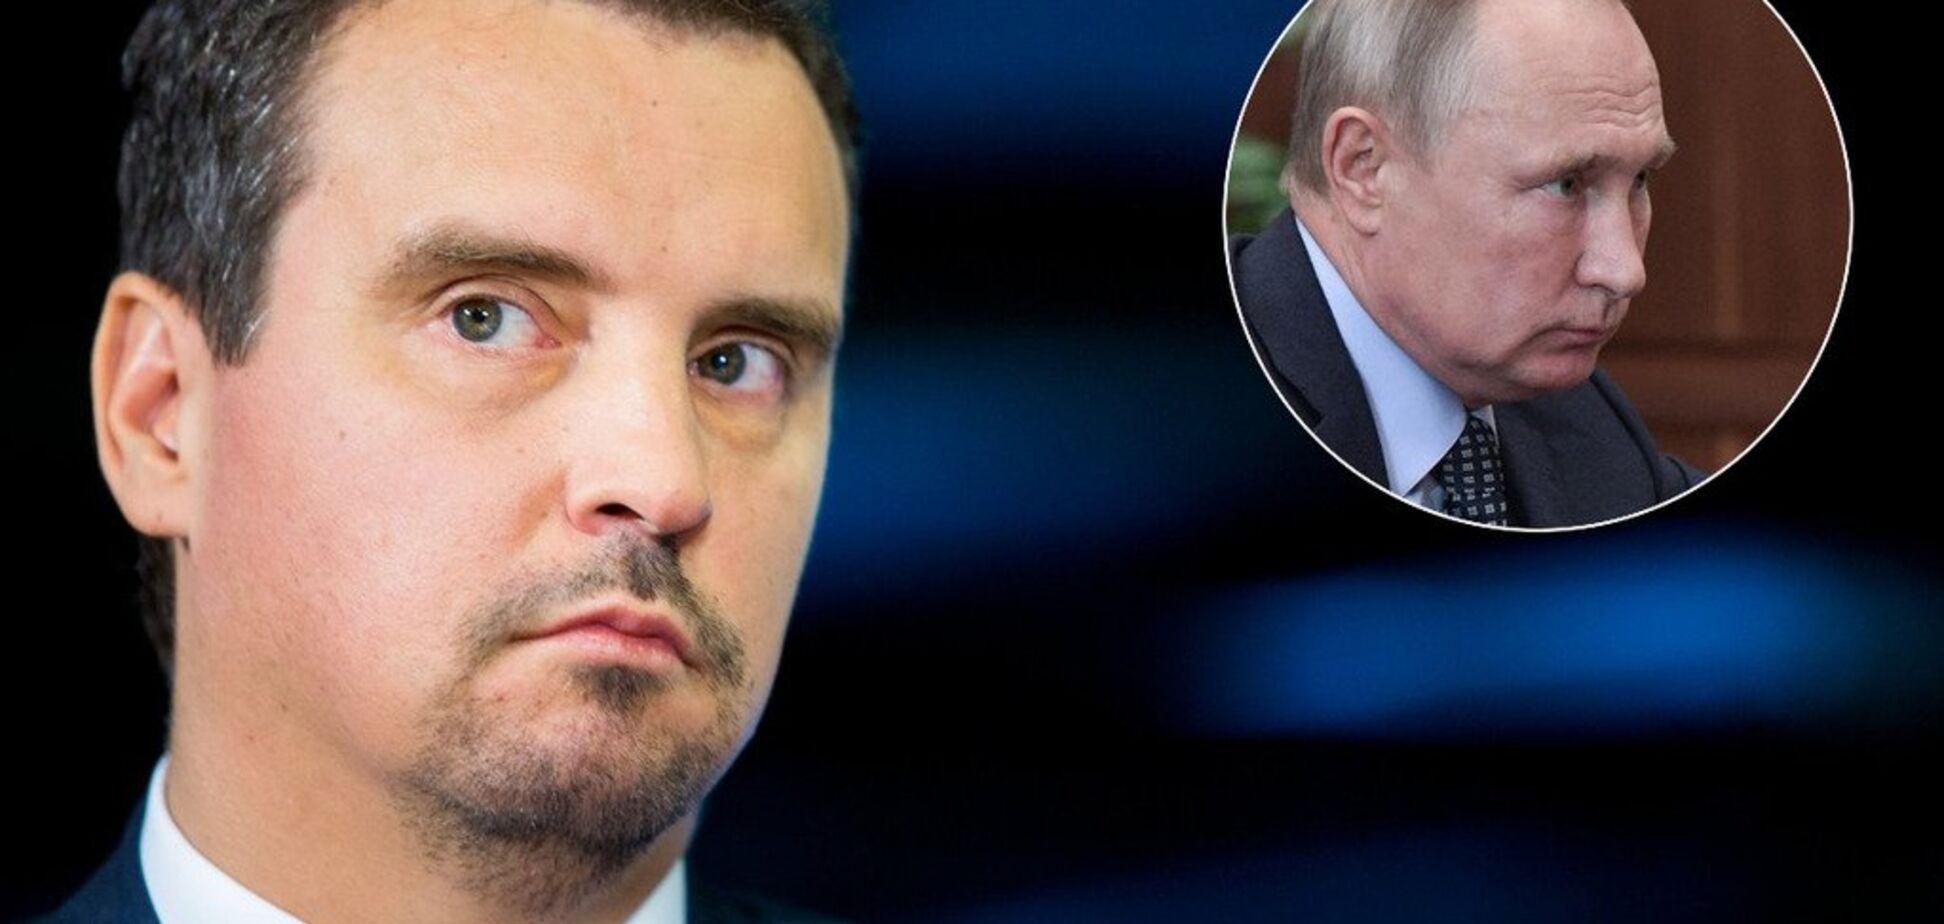 Партнерство с Путиным, два паспорта и огромная зарплата жены: кому Зеленский доверил 'Укроборонпром'